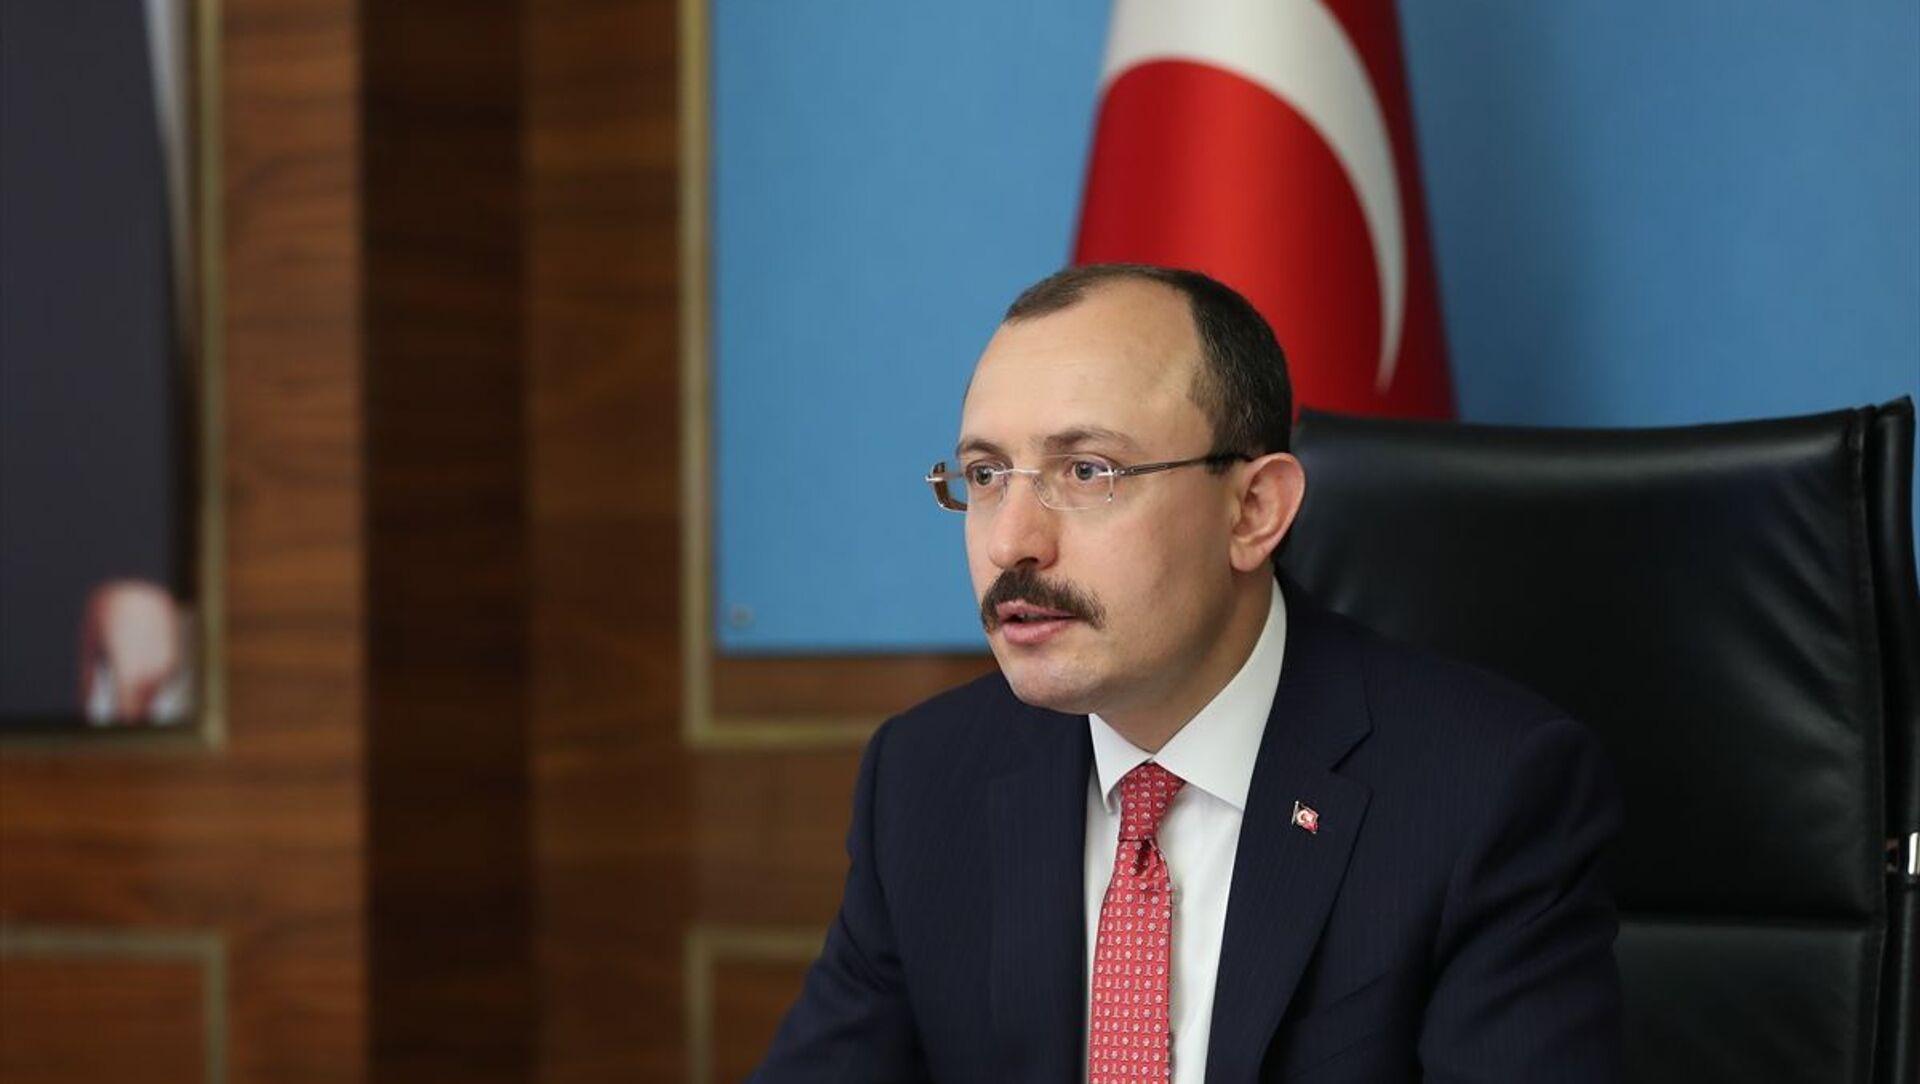 Ticaret Bakanı Mehmet Muş - Sputnik Türkiye, 1920, 28.05.2021